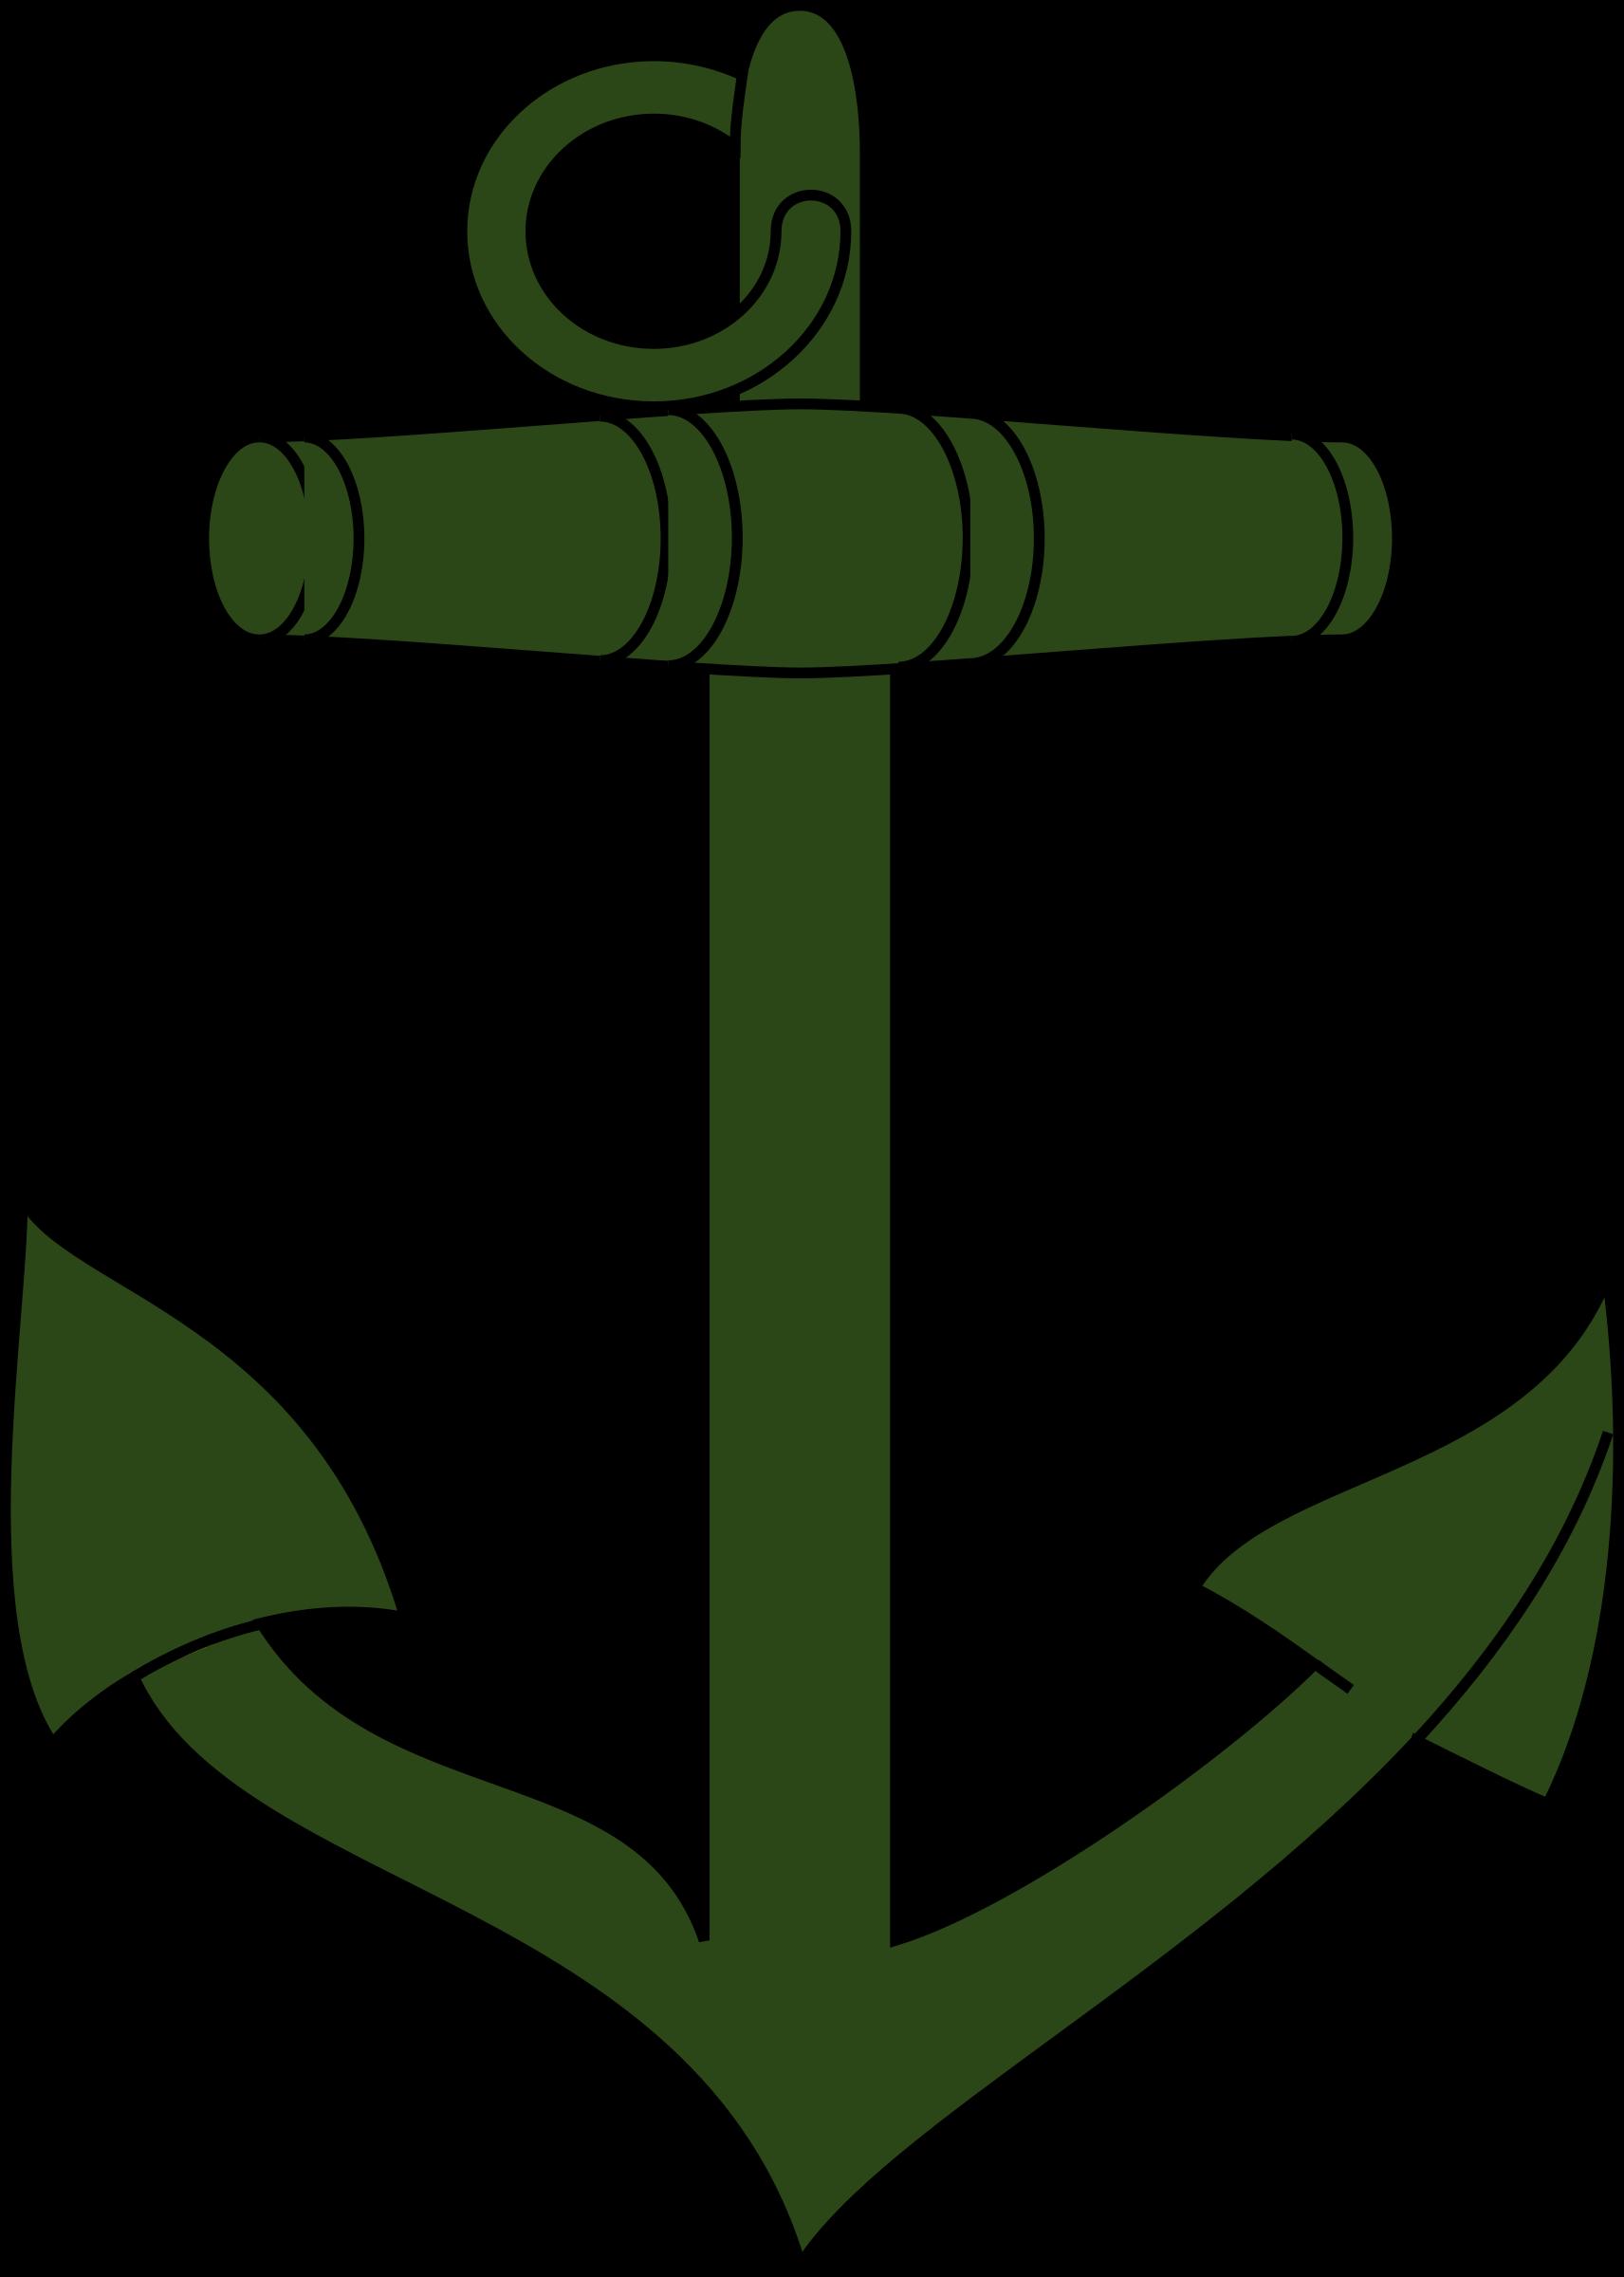 1712x2400 Green Anchor Vector Clipart Image